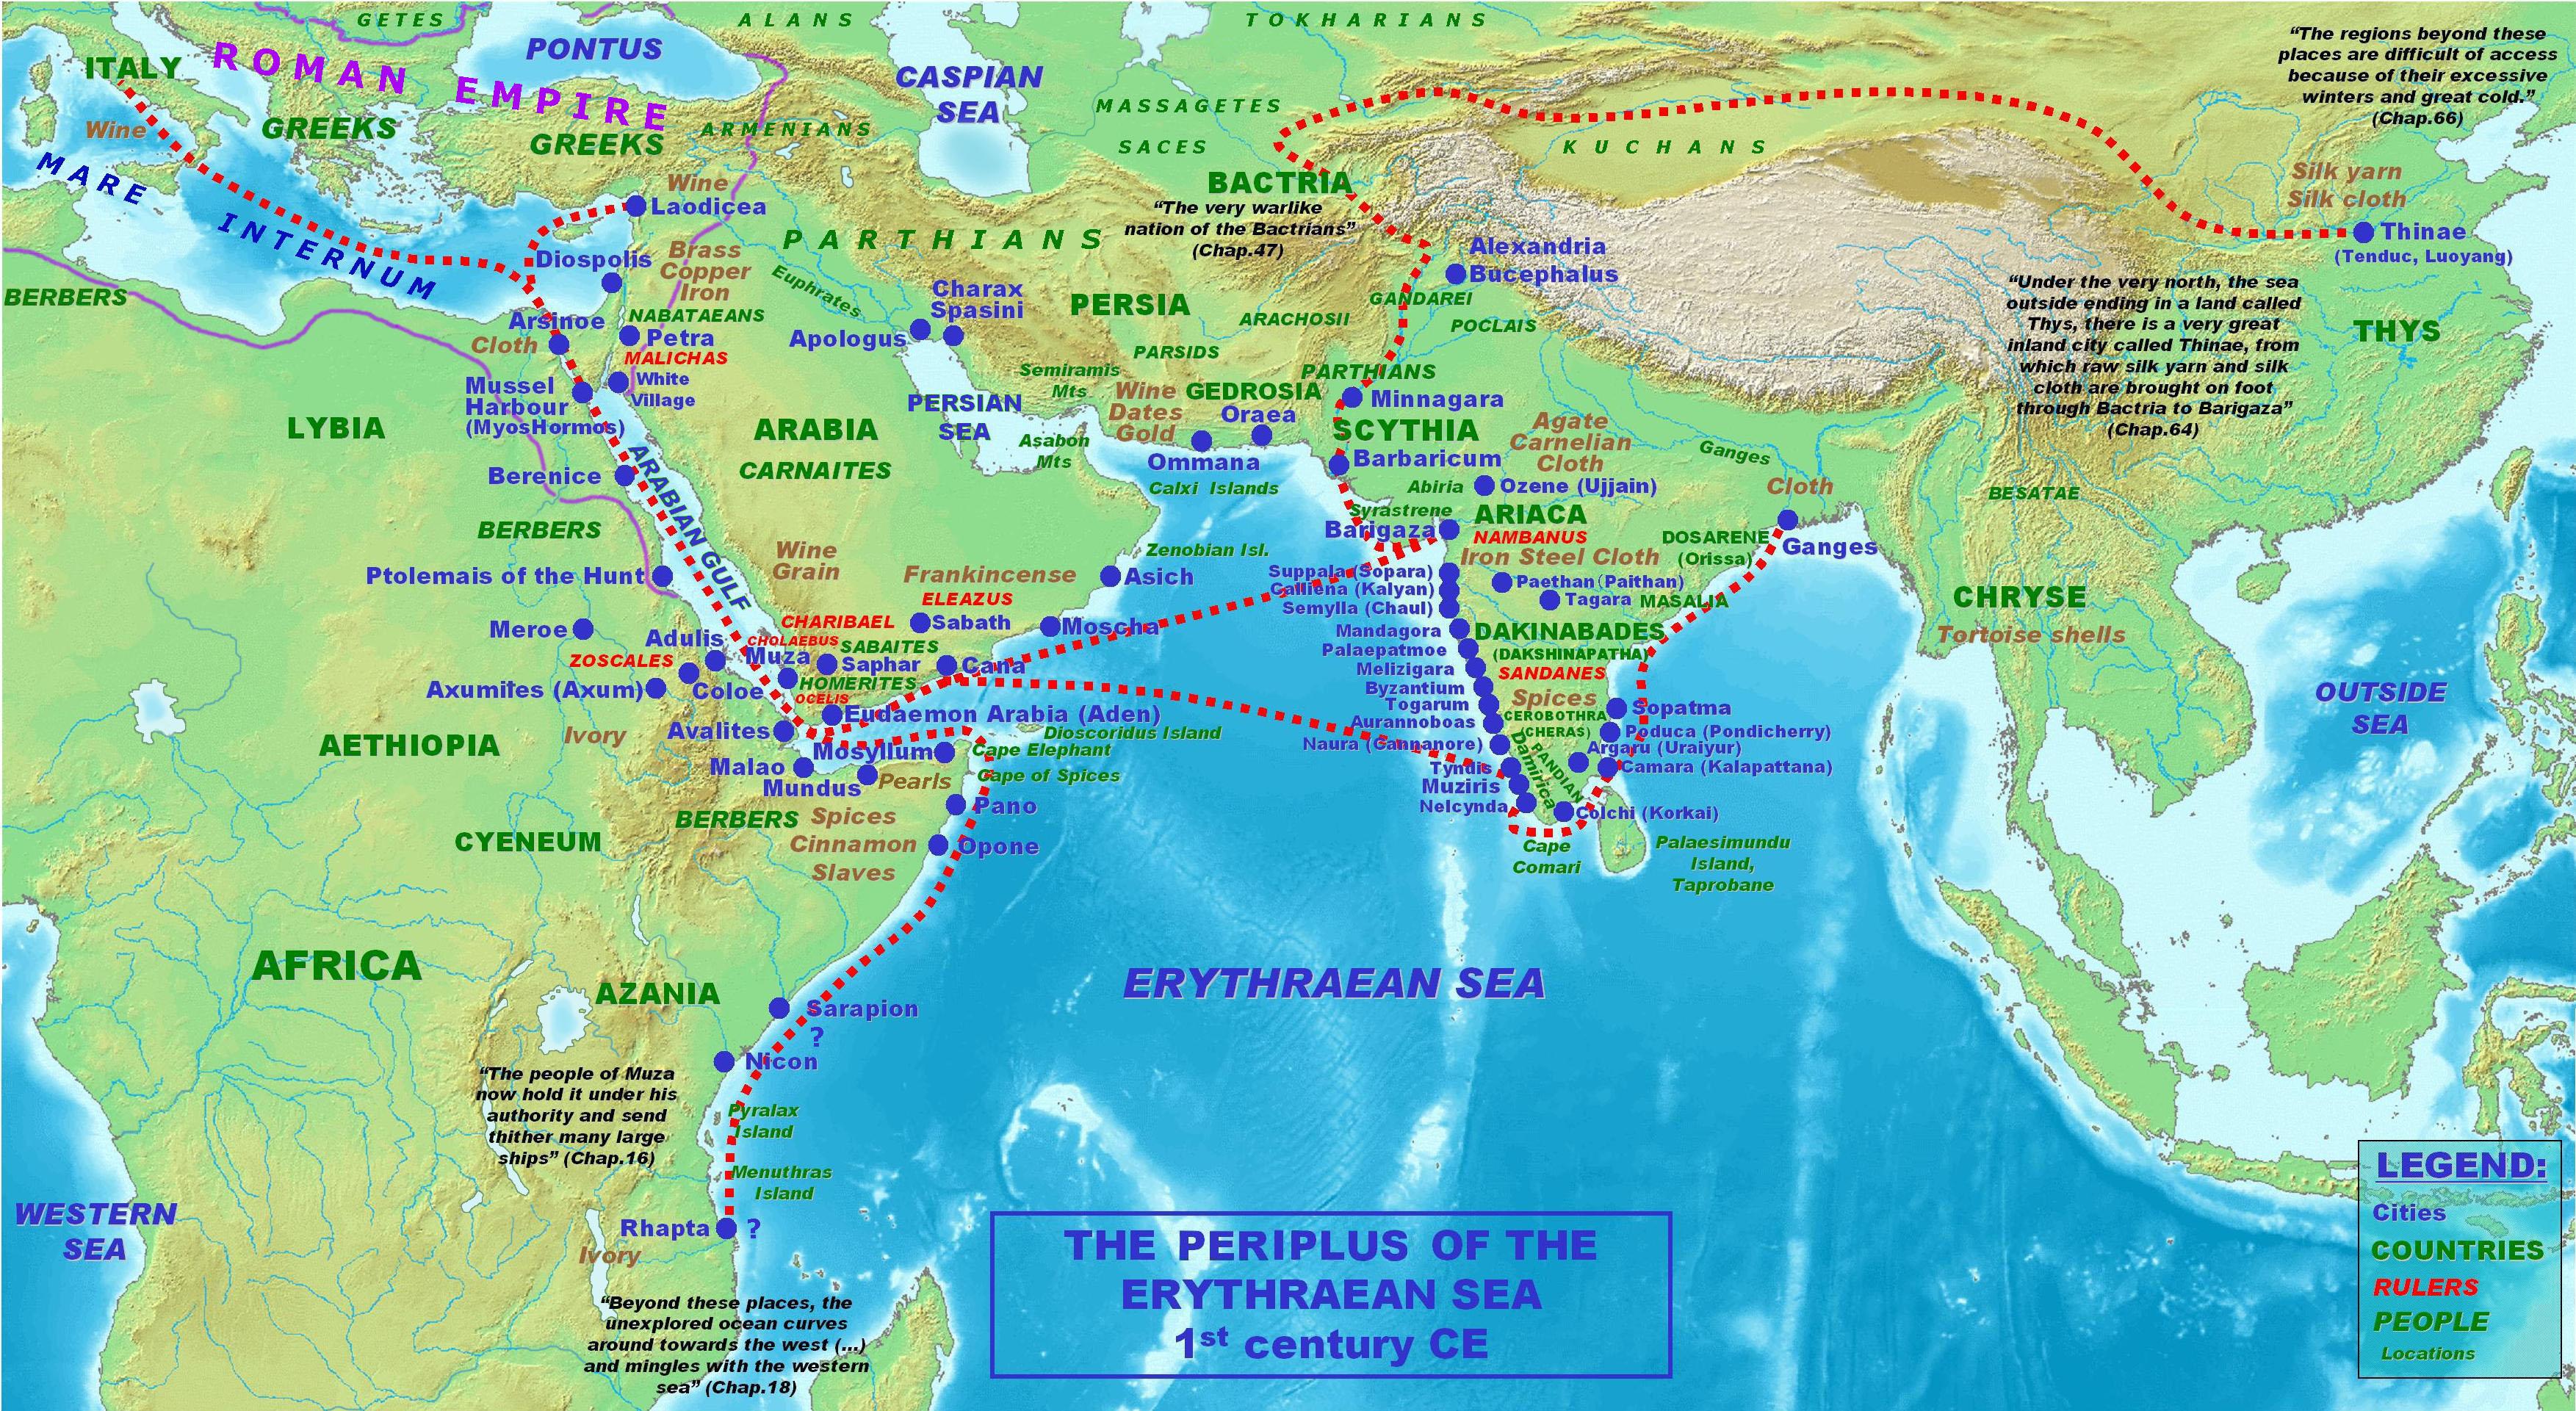 Rutas, ciudades y reinos mencionadas en el Periplo del Mar Eritreo